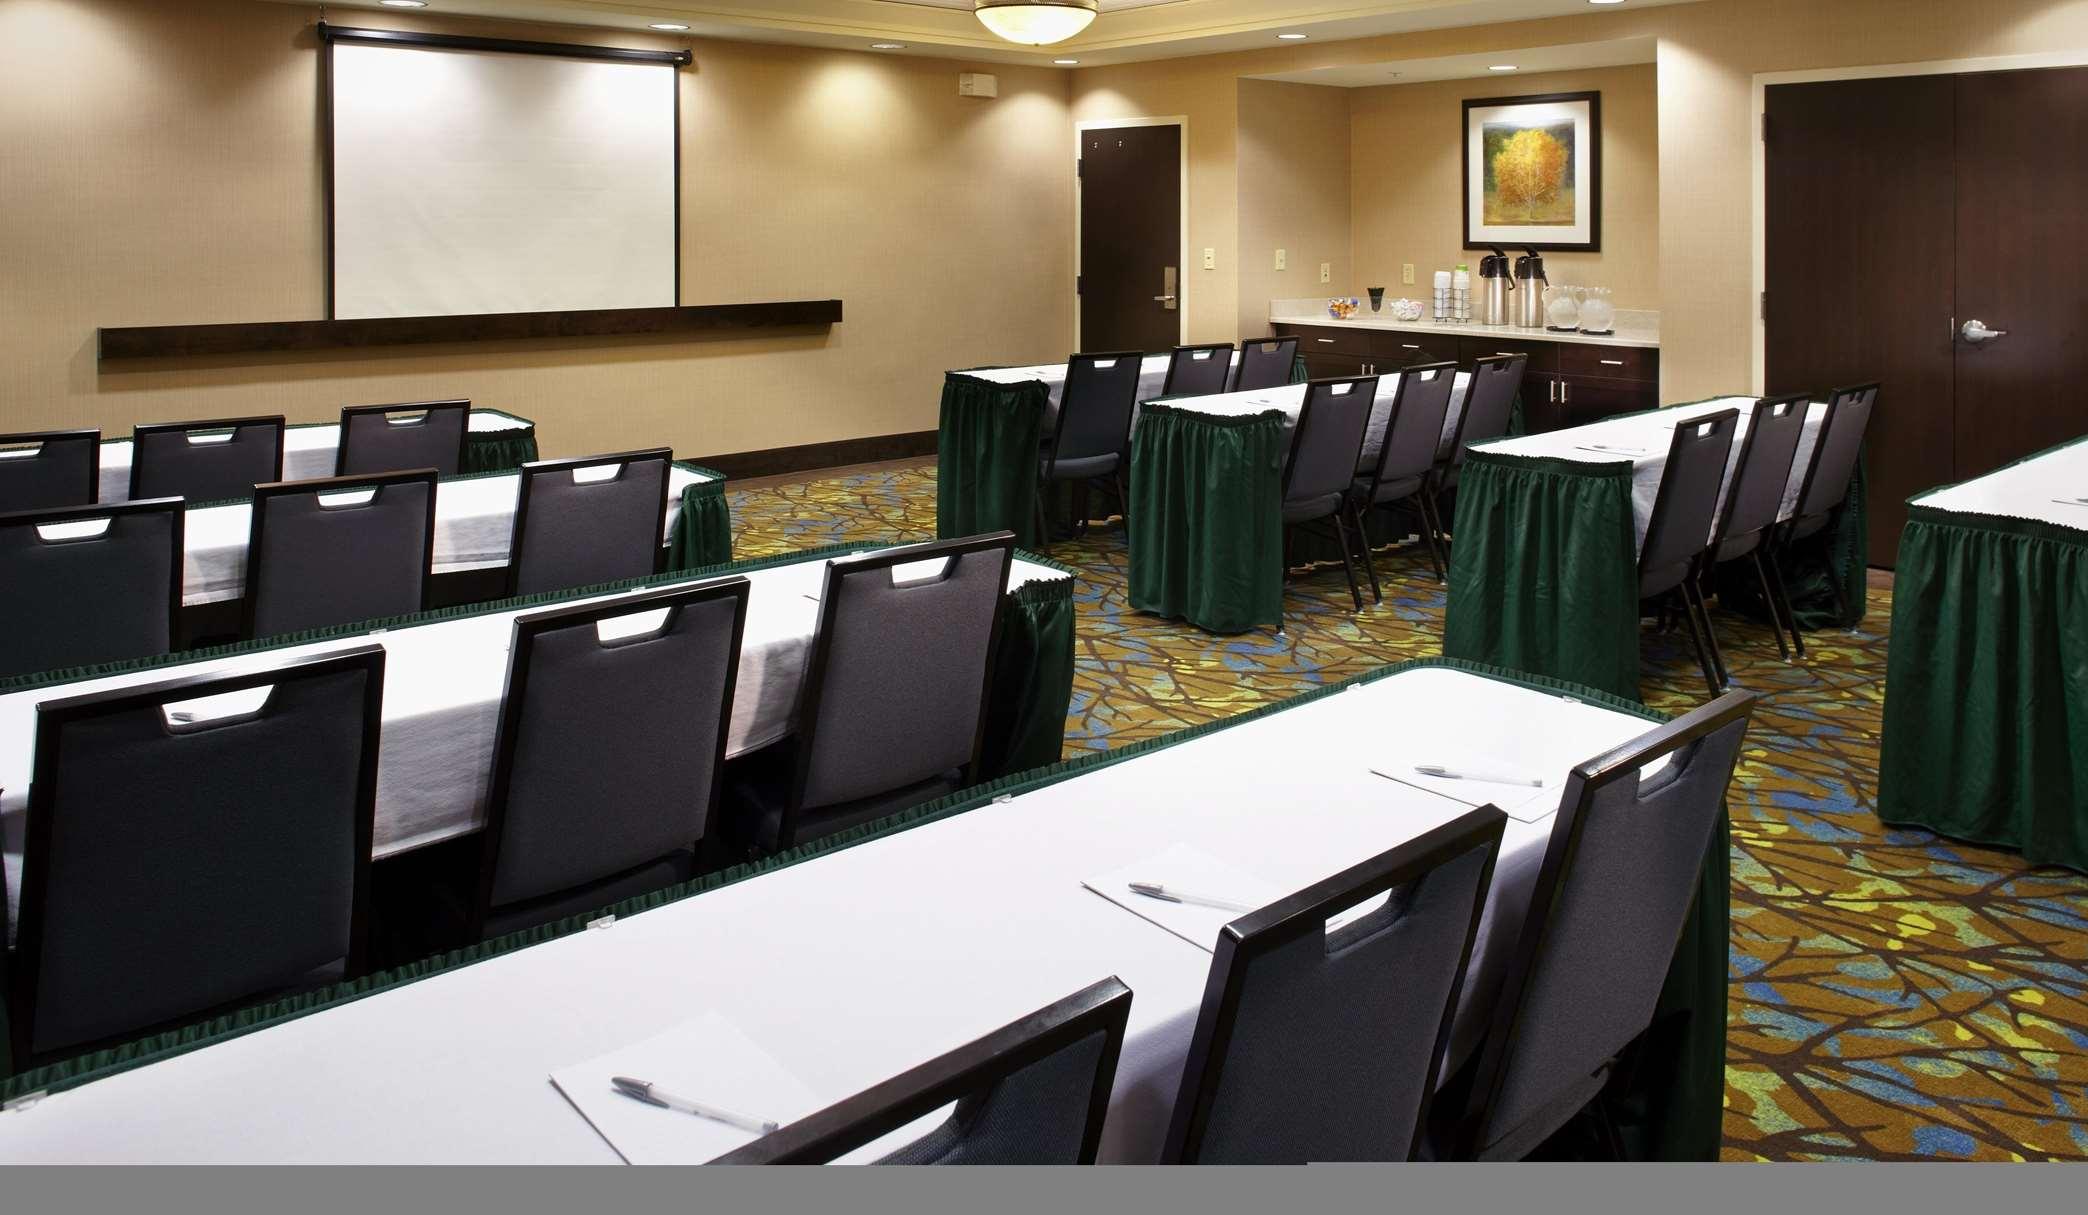 Hampton Inn & Suites Clearwater/St. Petersburg-Ulmerton Road, FL image 8